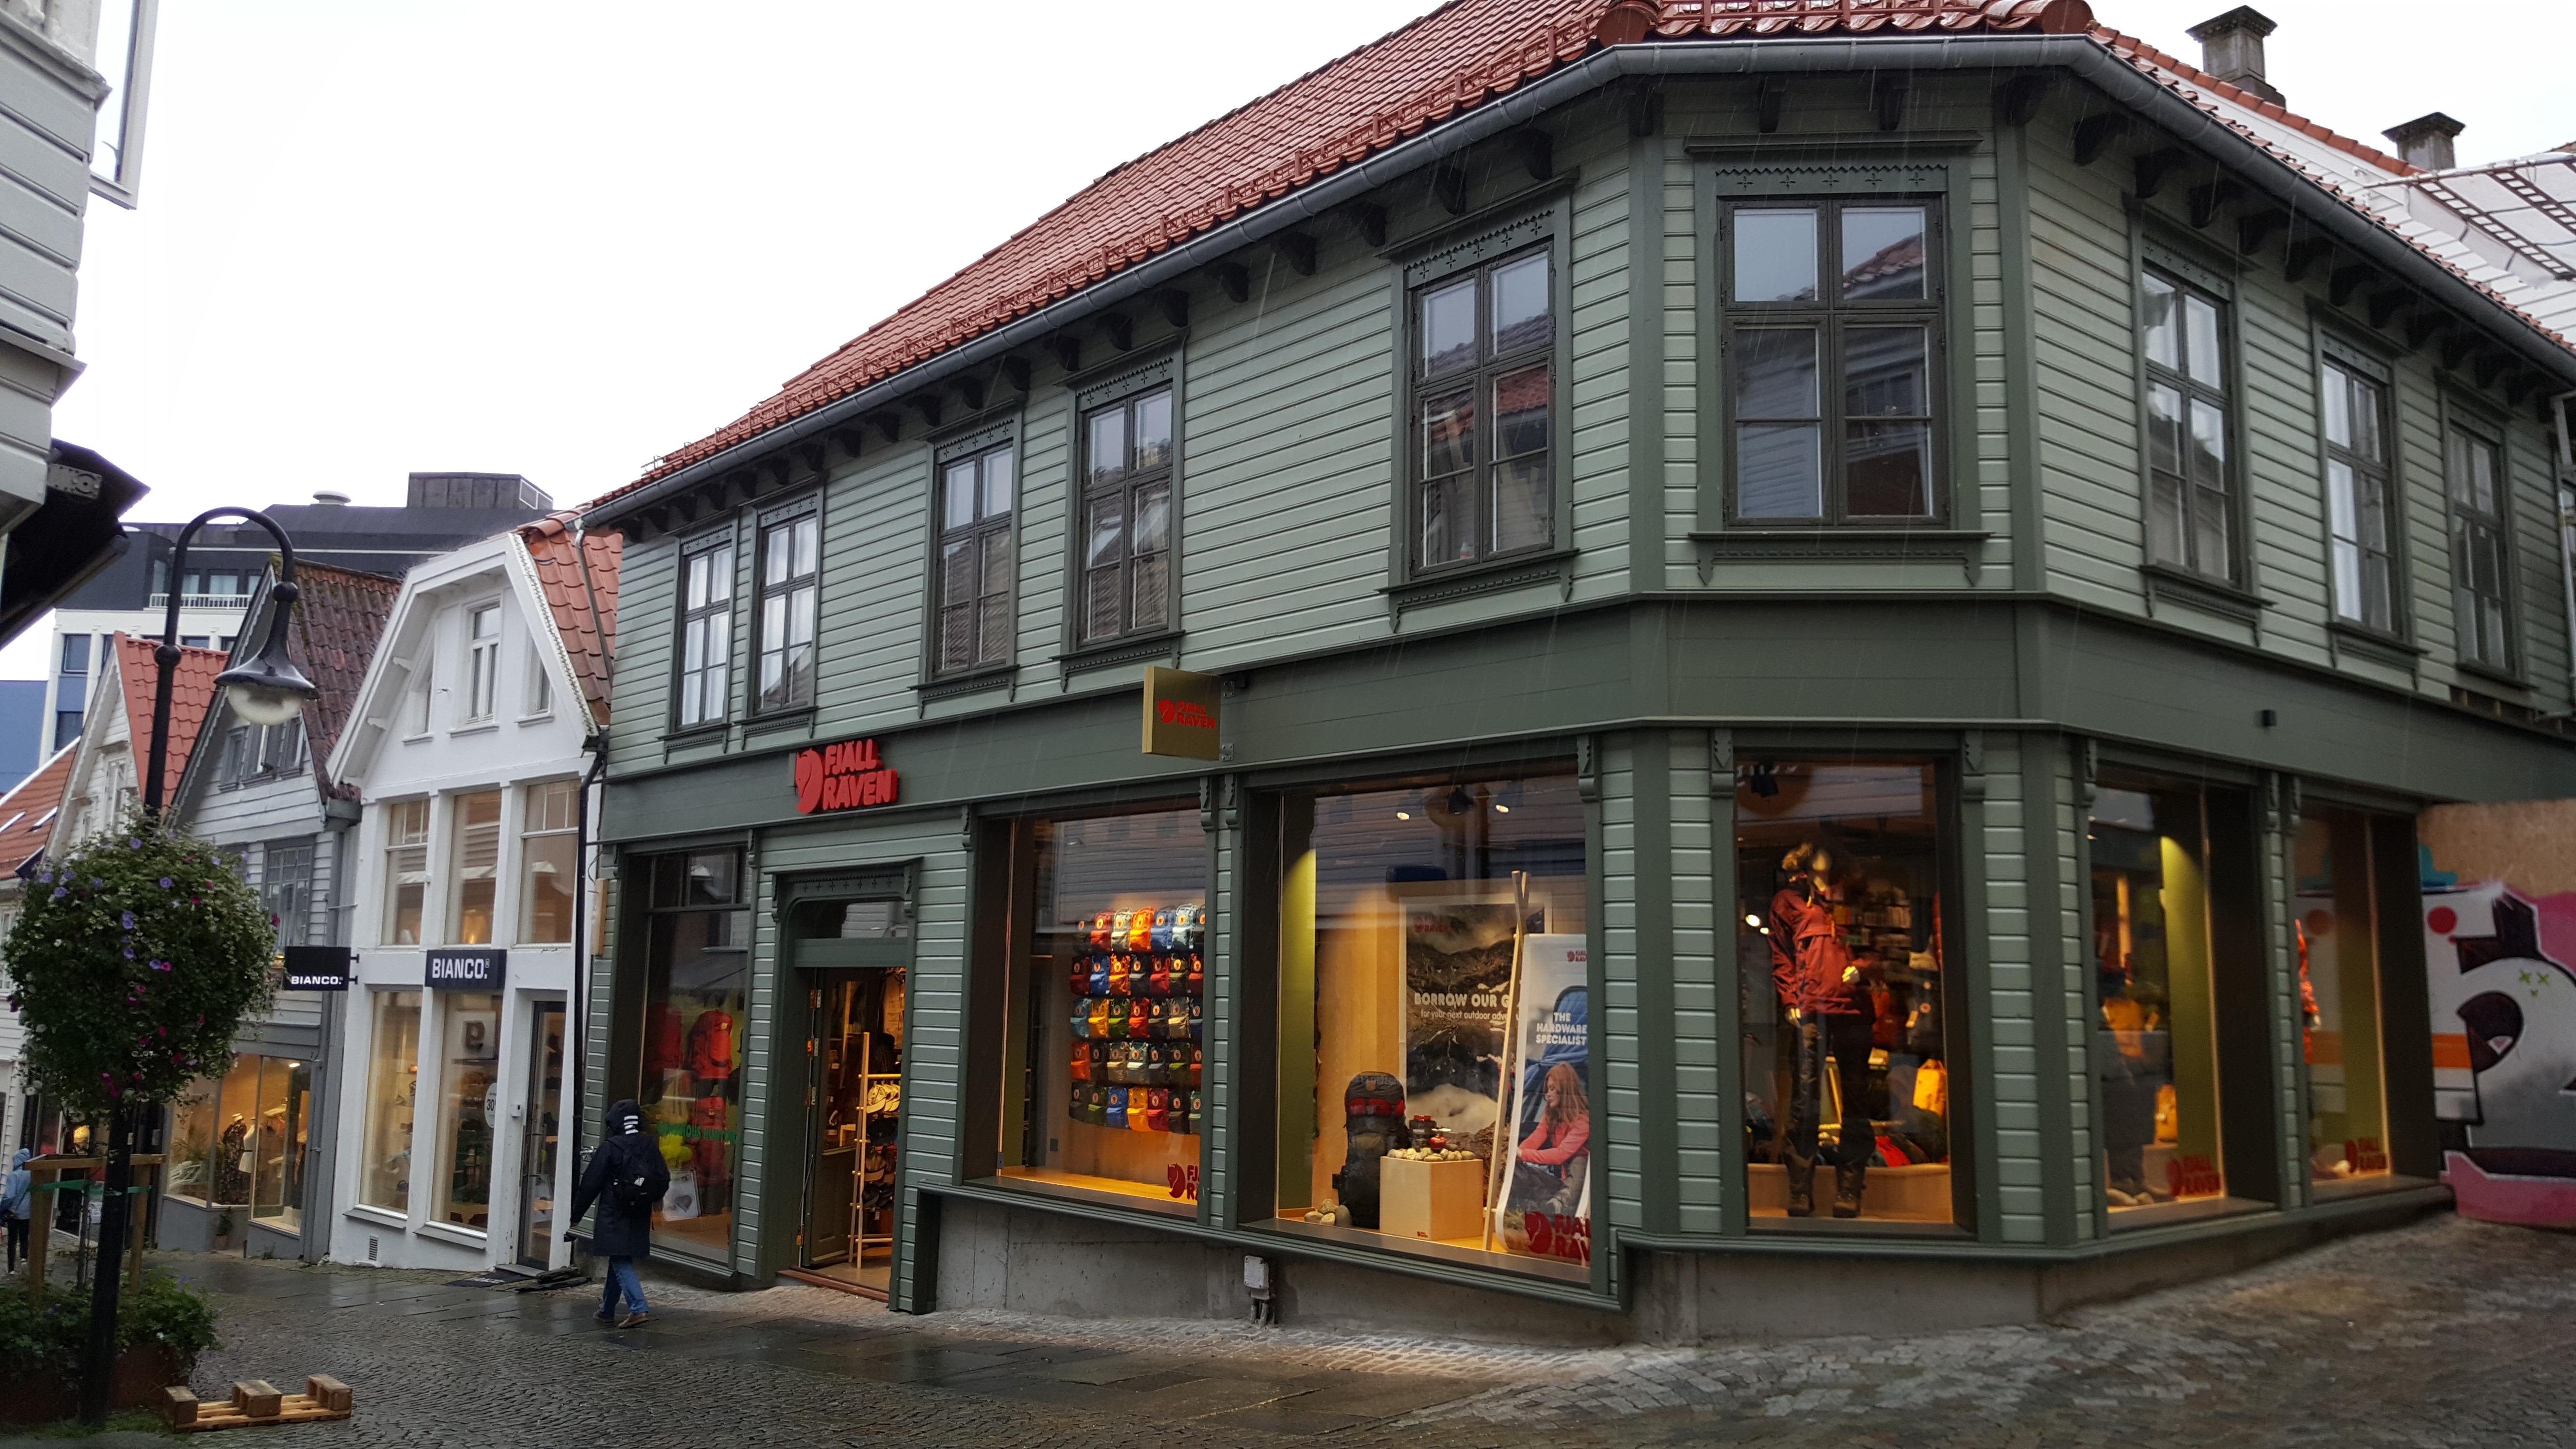 Fjallraven retailer in Stavanger, Stavanger